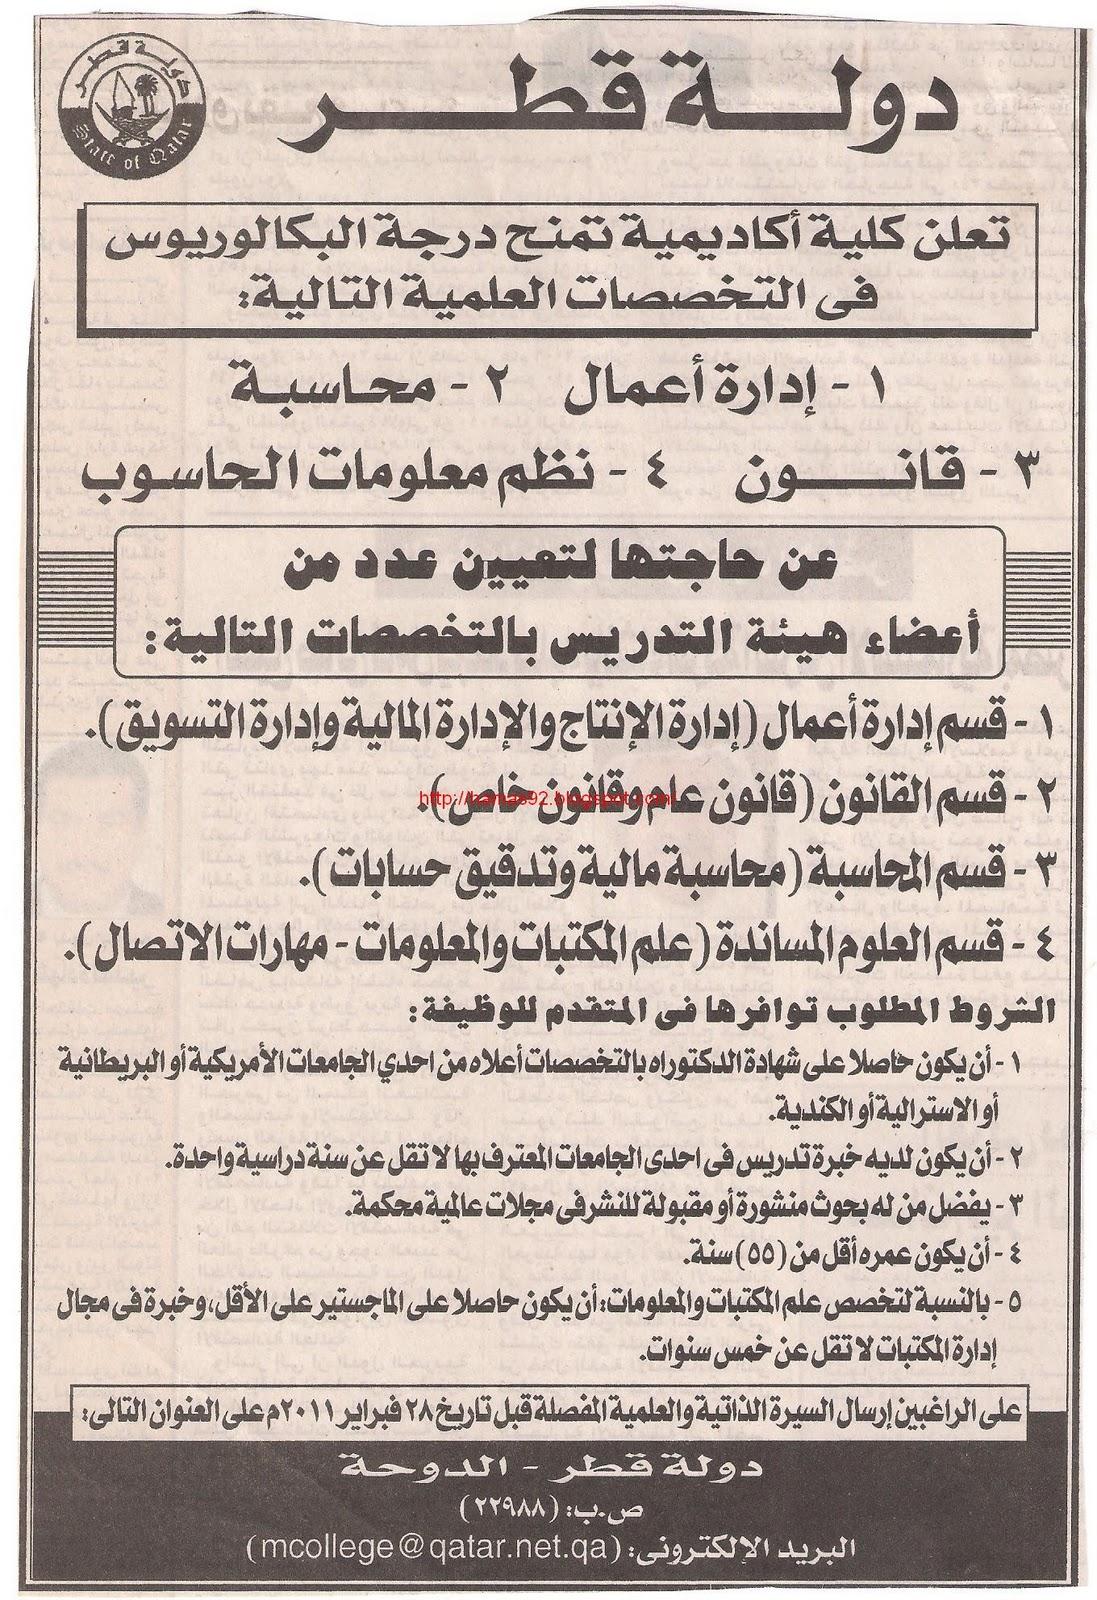 >وظائف خاليه فى قطر